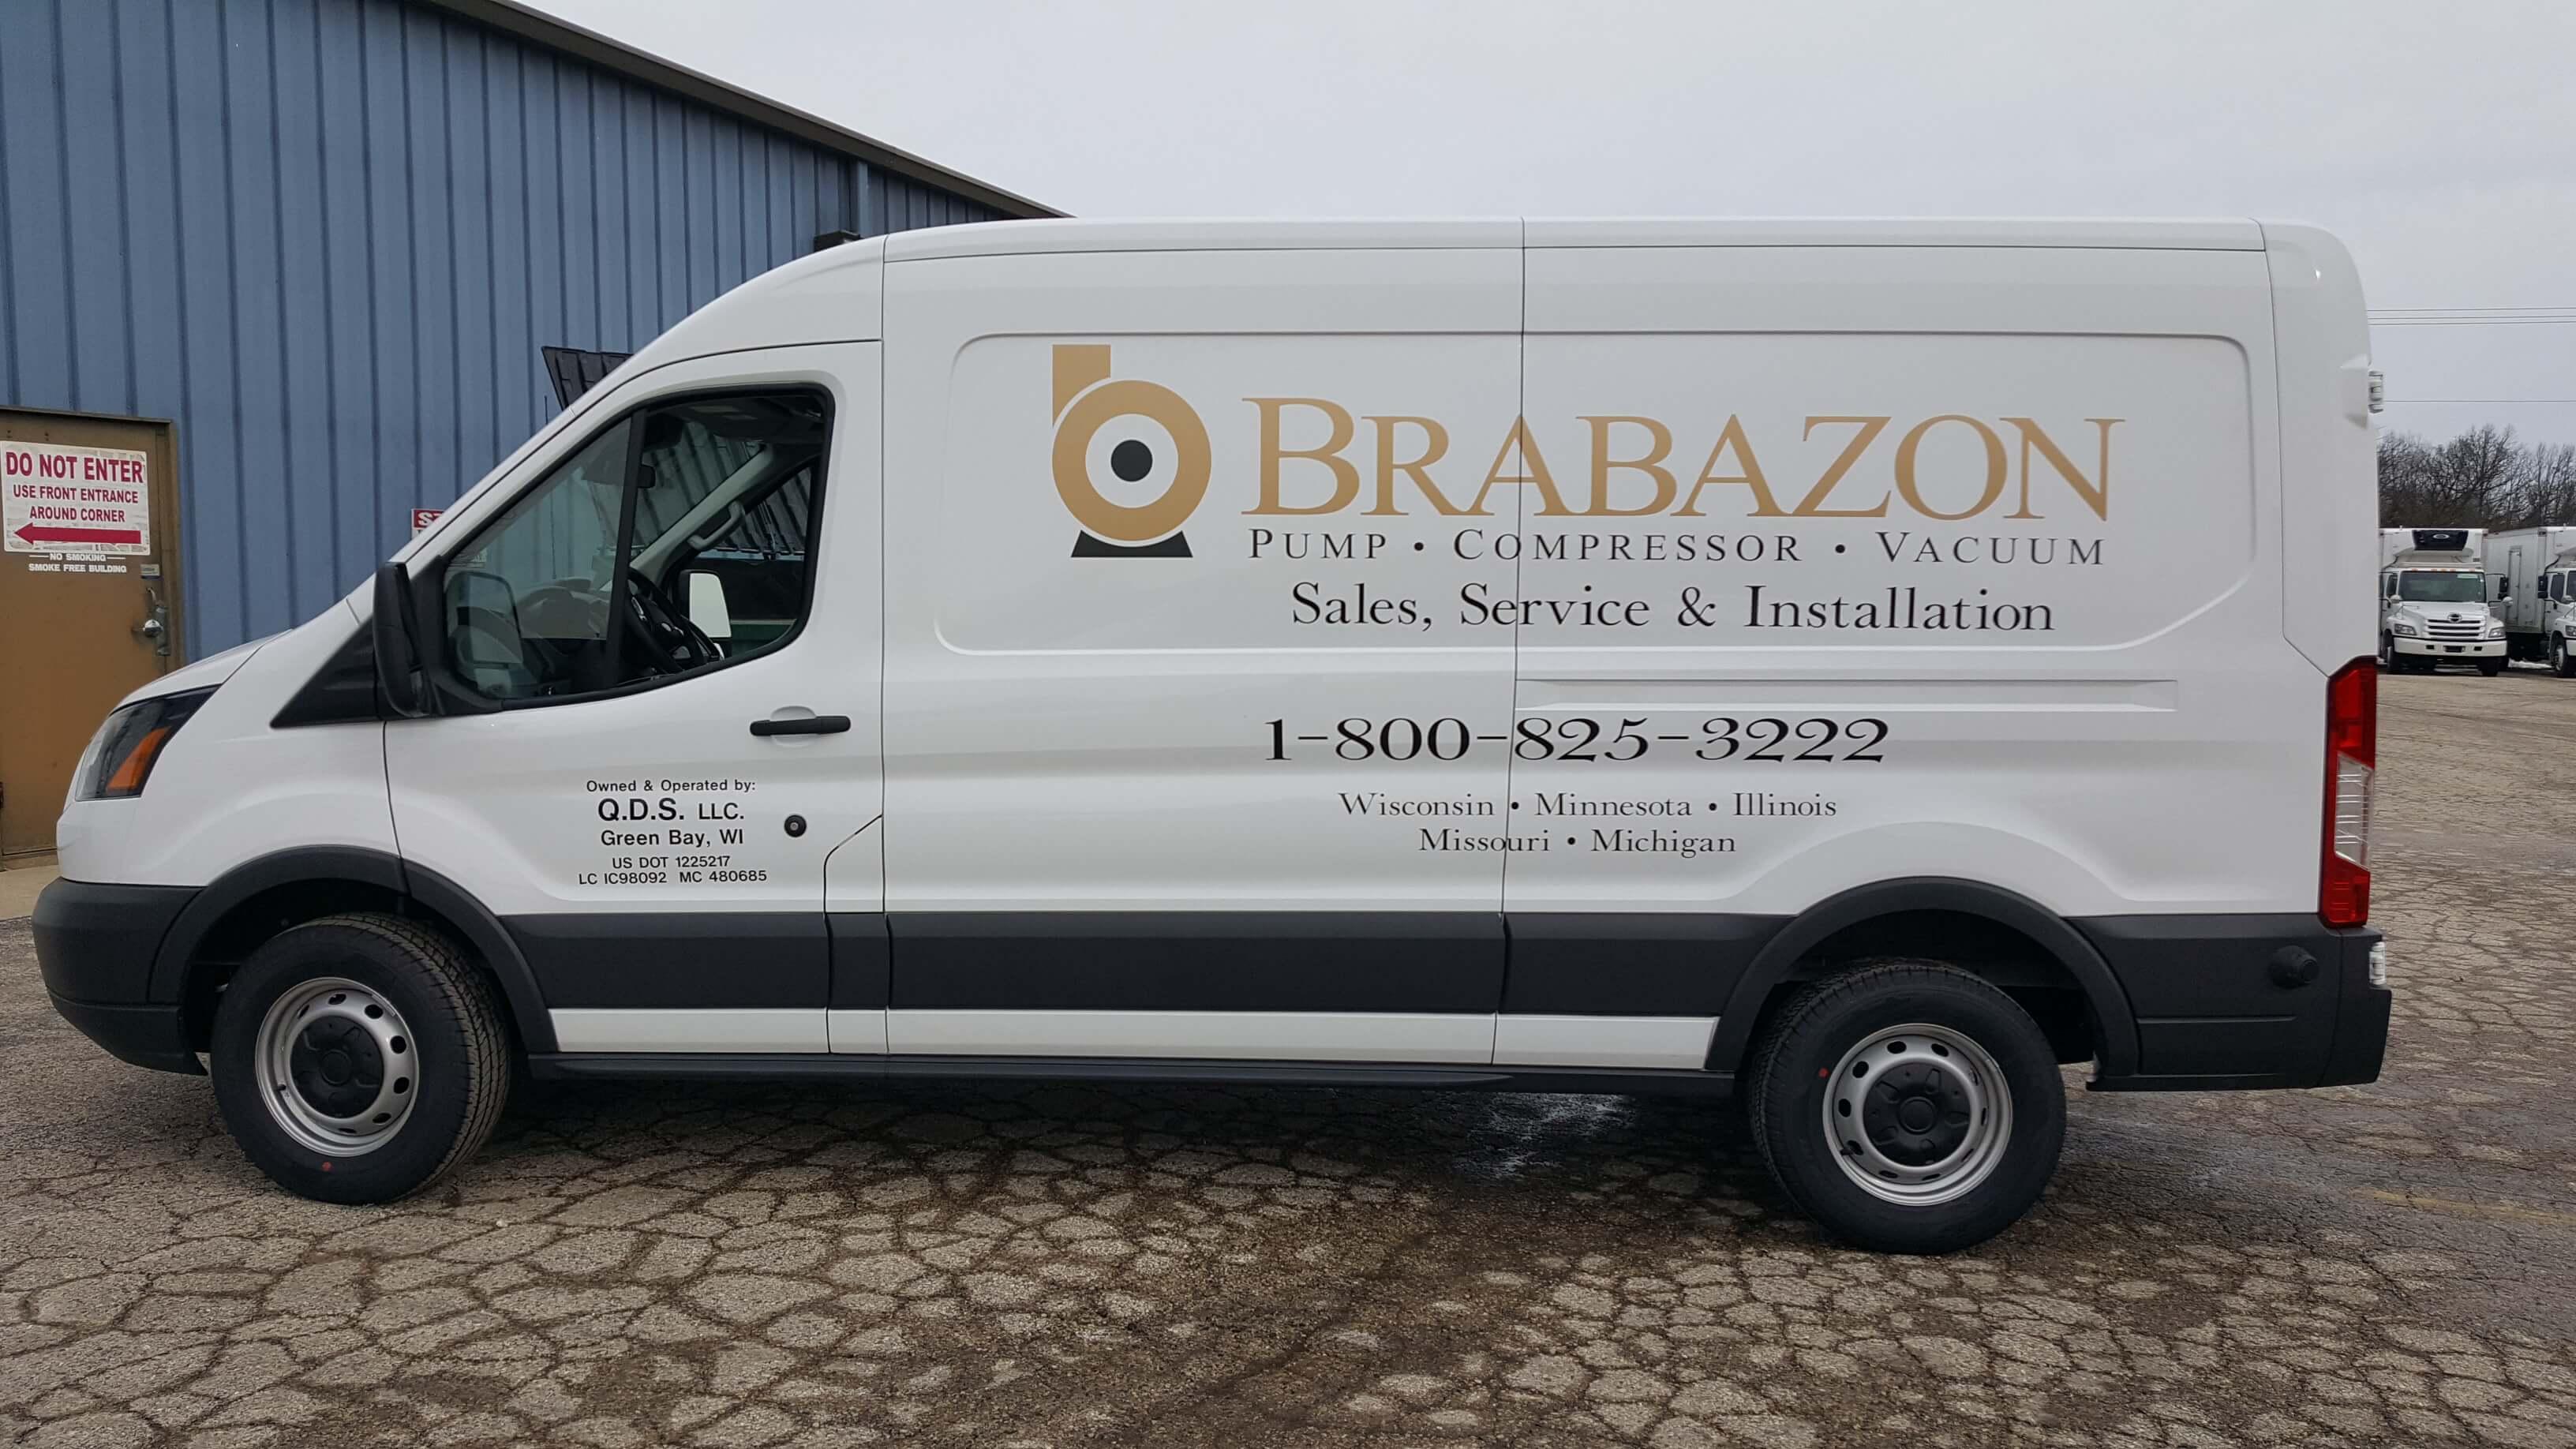 Van decals for southeastern Wisconsin